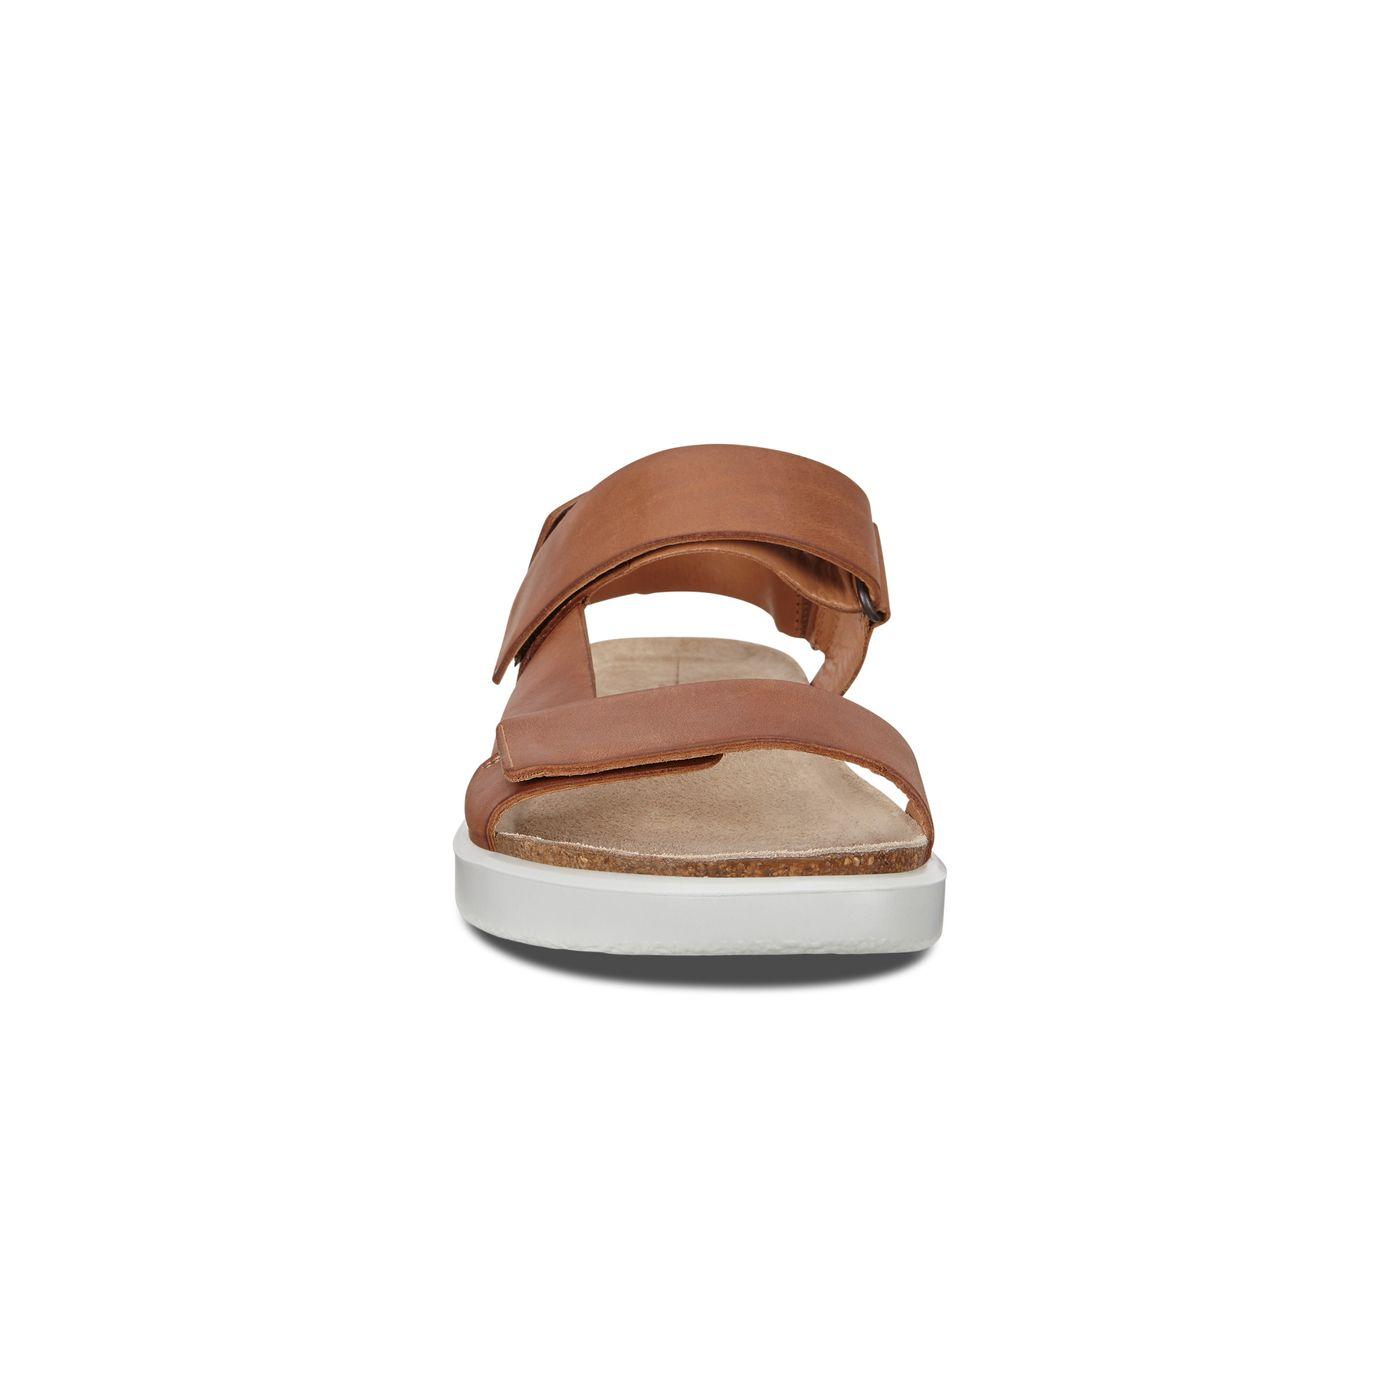 ECCO Corksphere Sandal Flat | Men's Casual Sandals | ECCO® Shoes